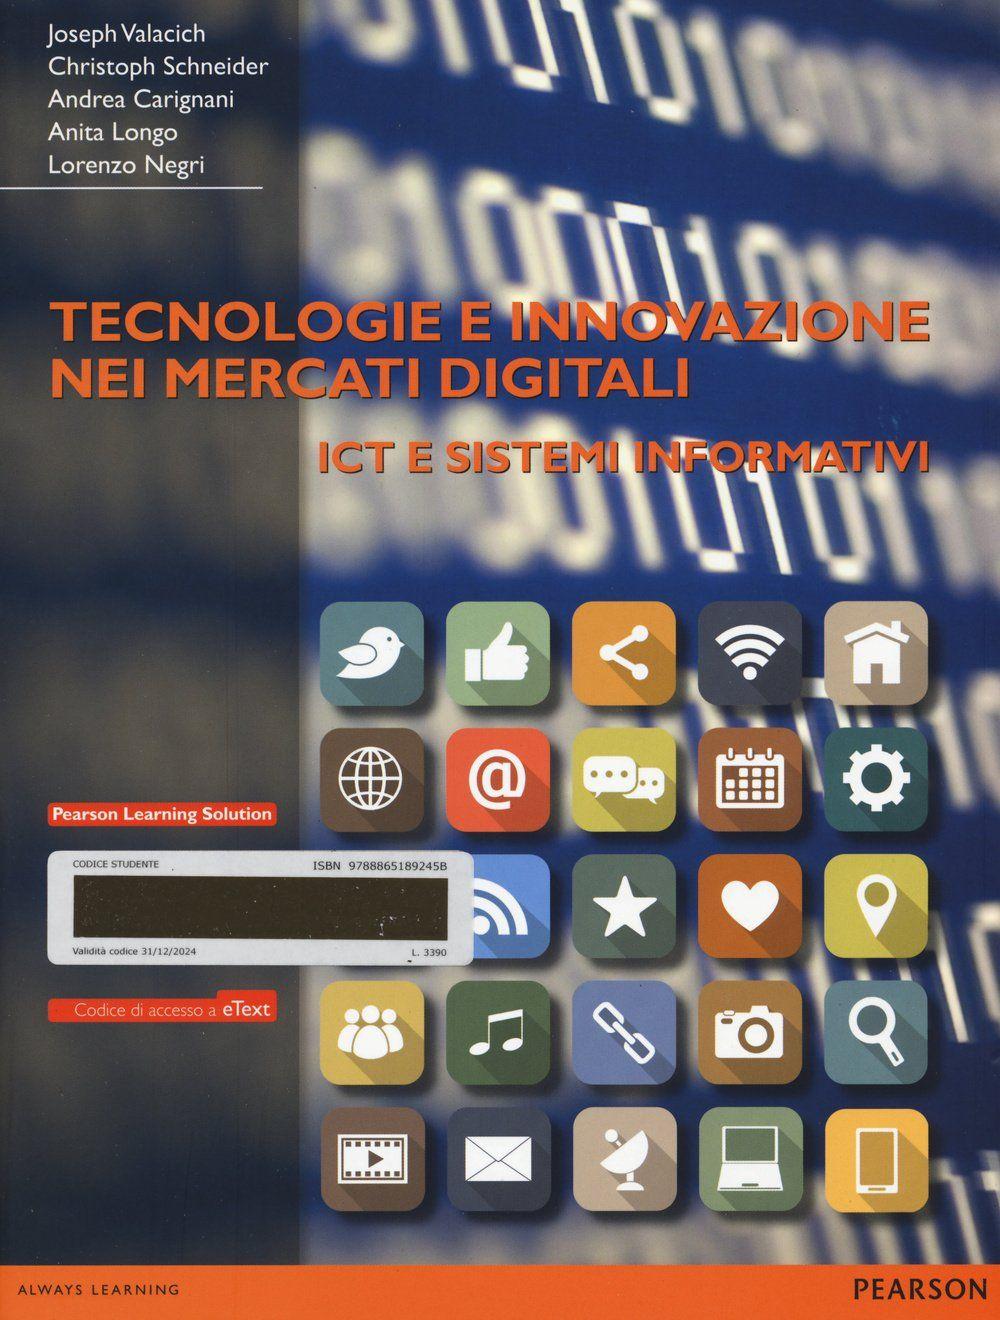 Tecnologie e innovazione nei mercati digitali. ICT e